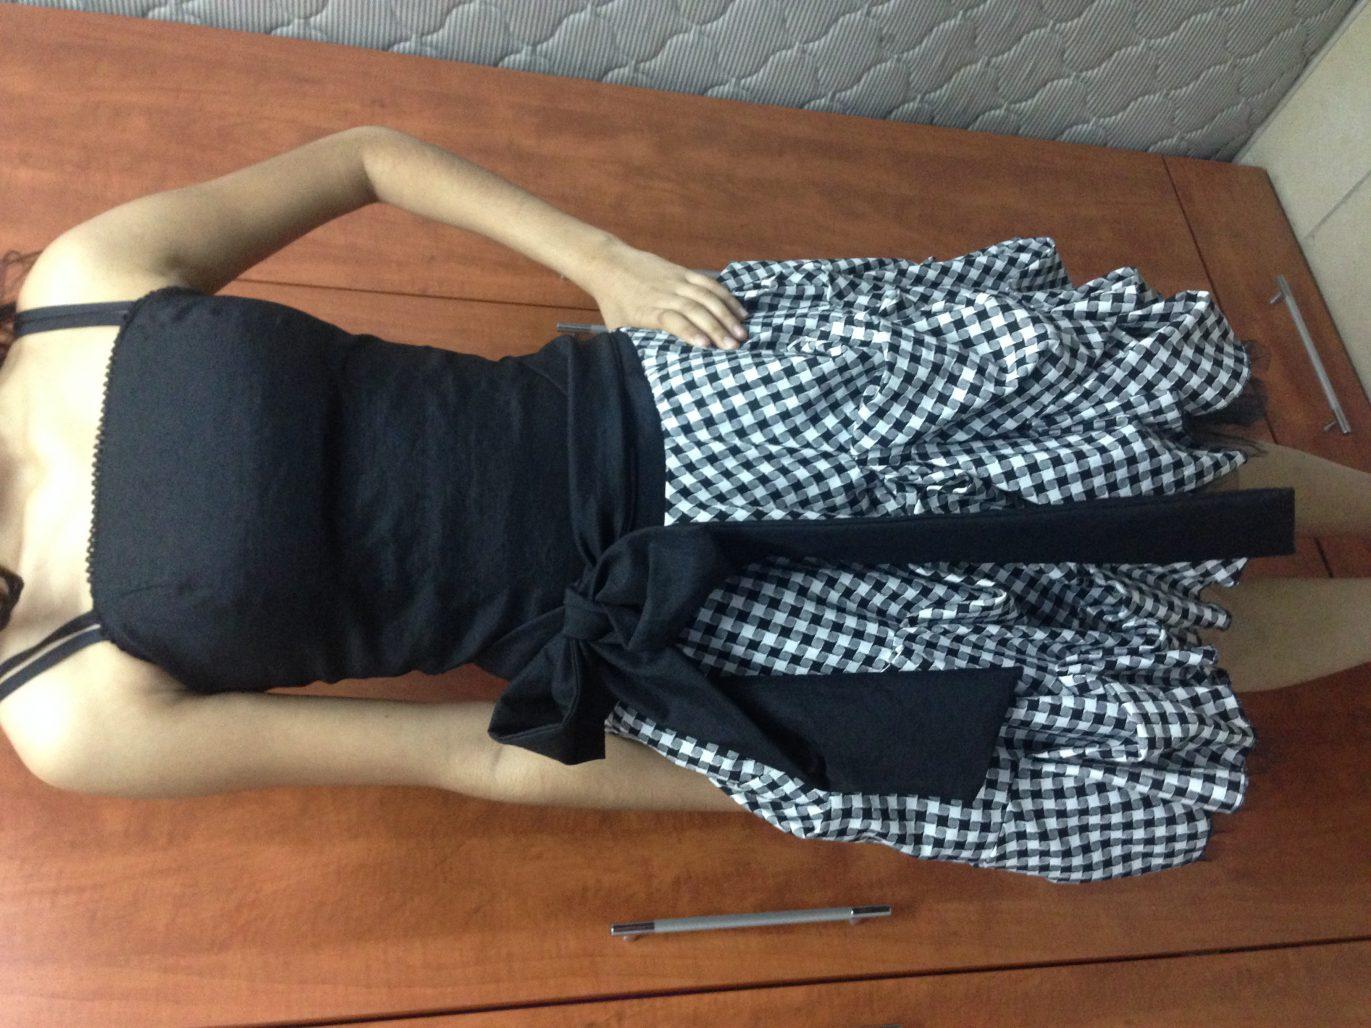 תמונות נוספות של שמלה מהממת שחור לבן